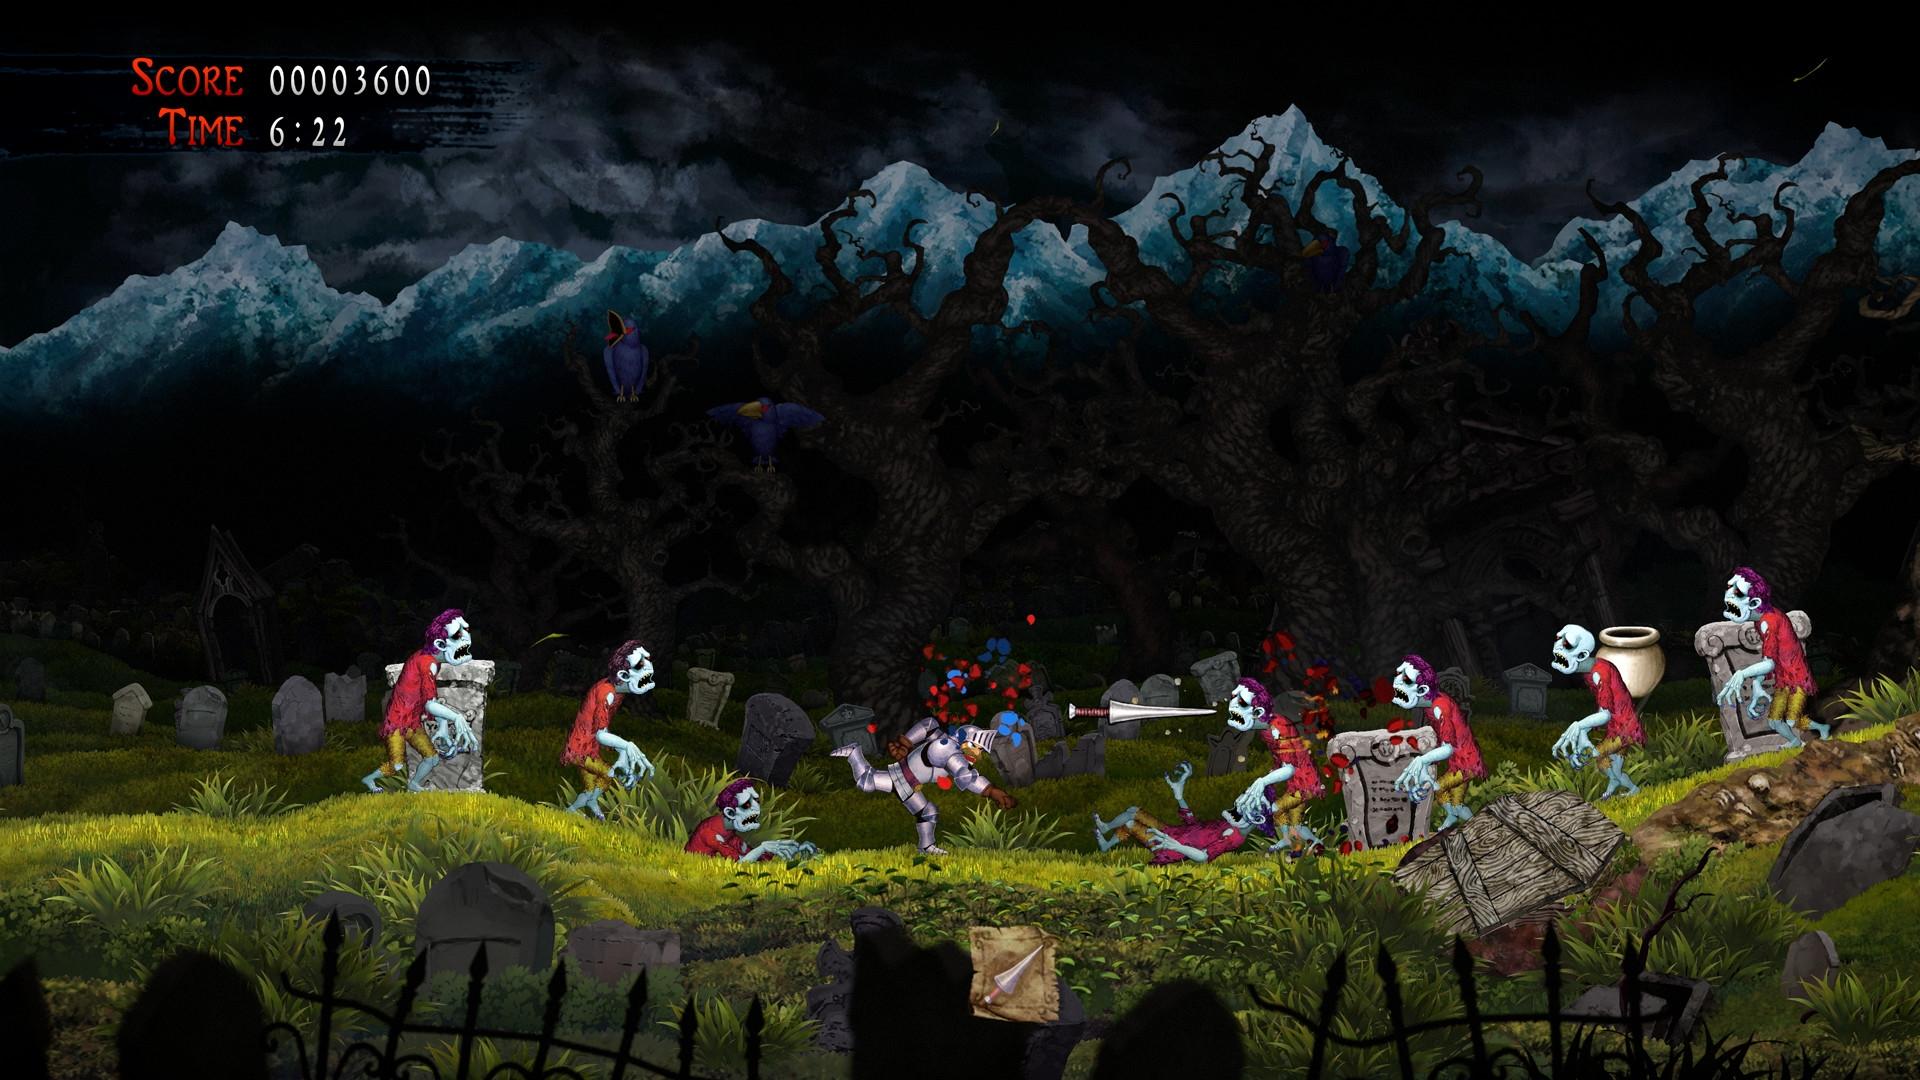 Ghosts 'n Goblins Resurrection | ROW (a4fc7426-a166-4635-996f-ac215360914b)